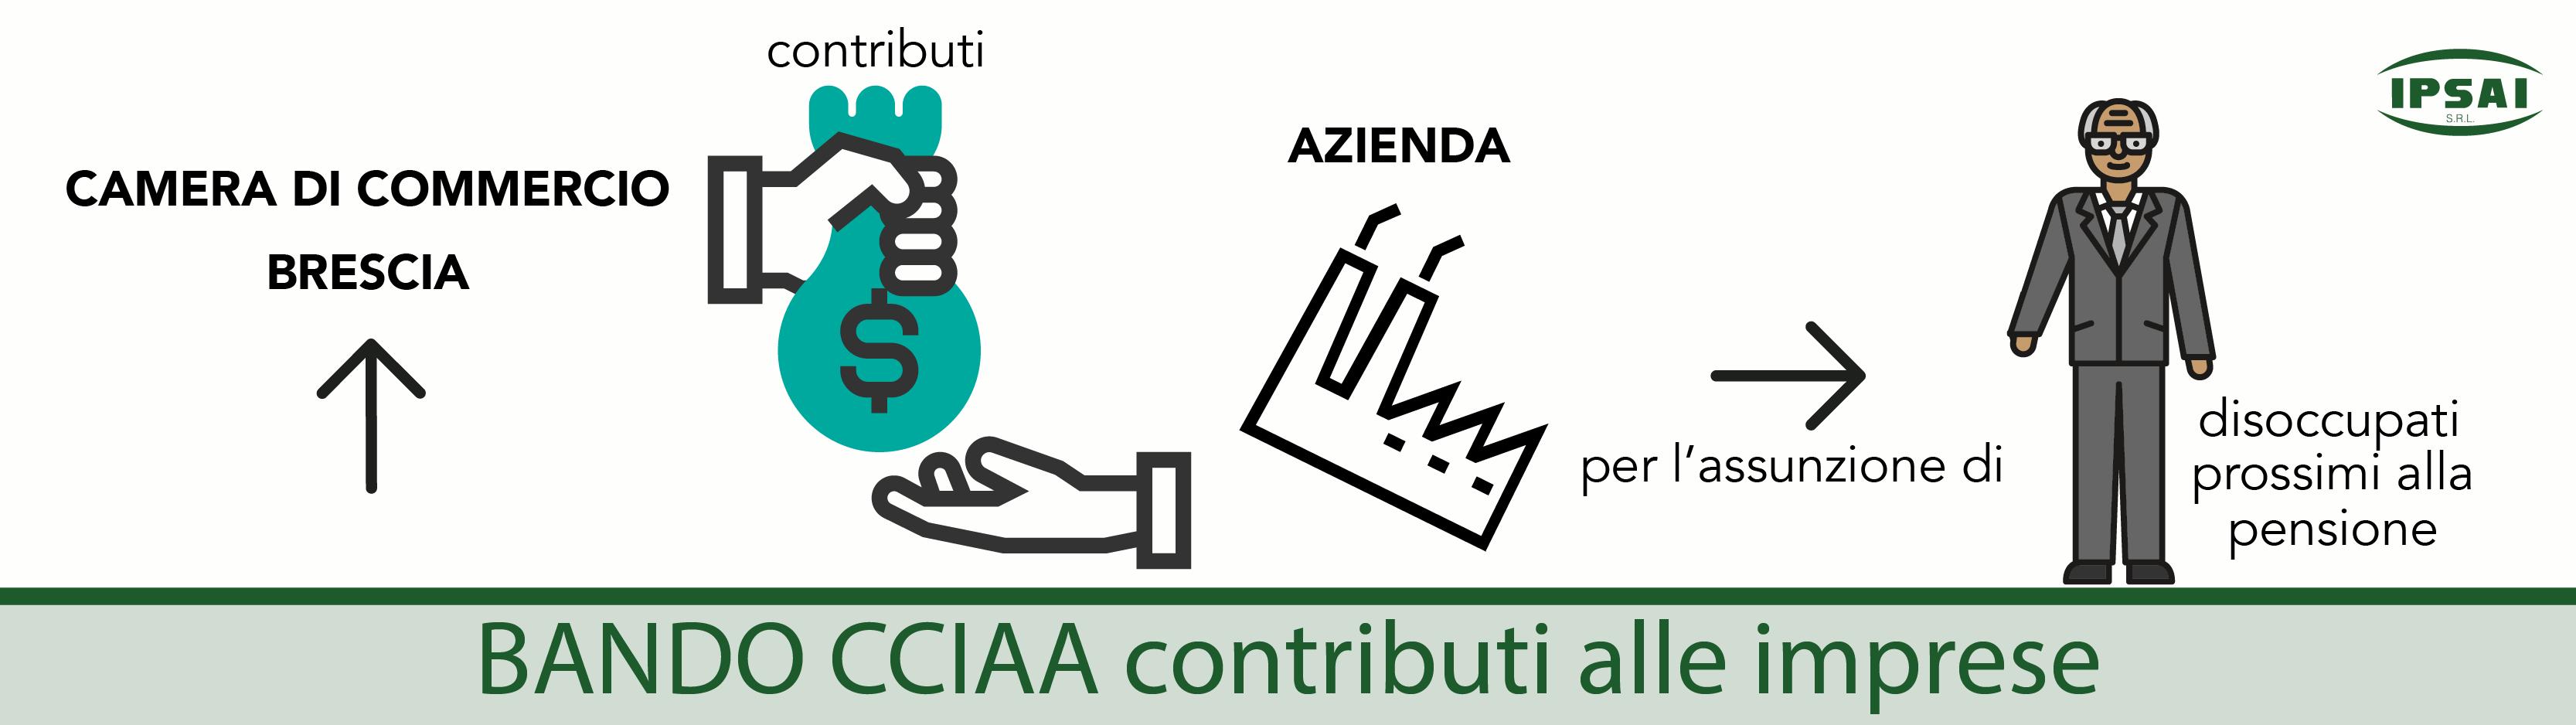 contributo-disoccupati_brescia